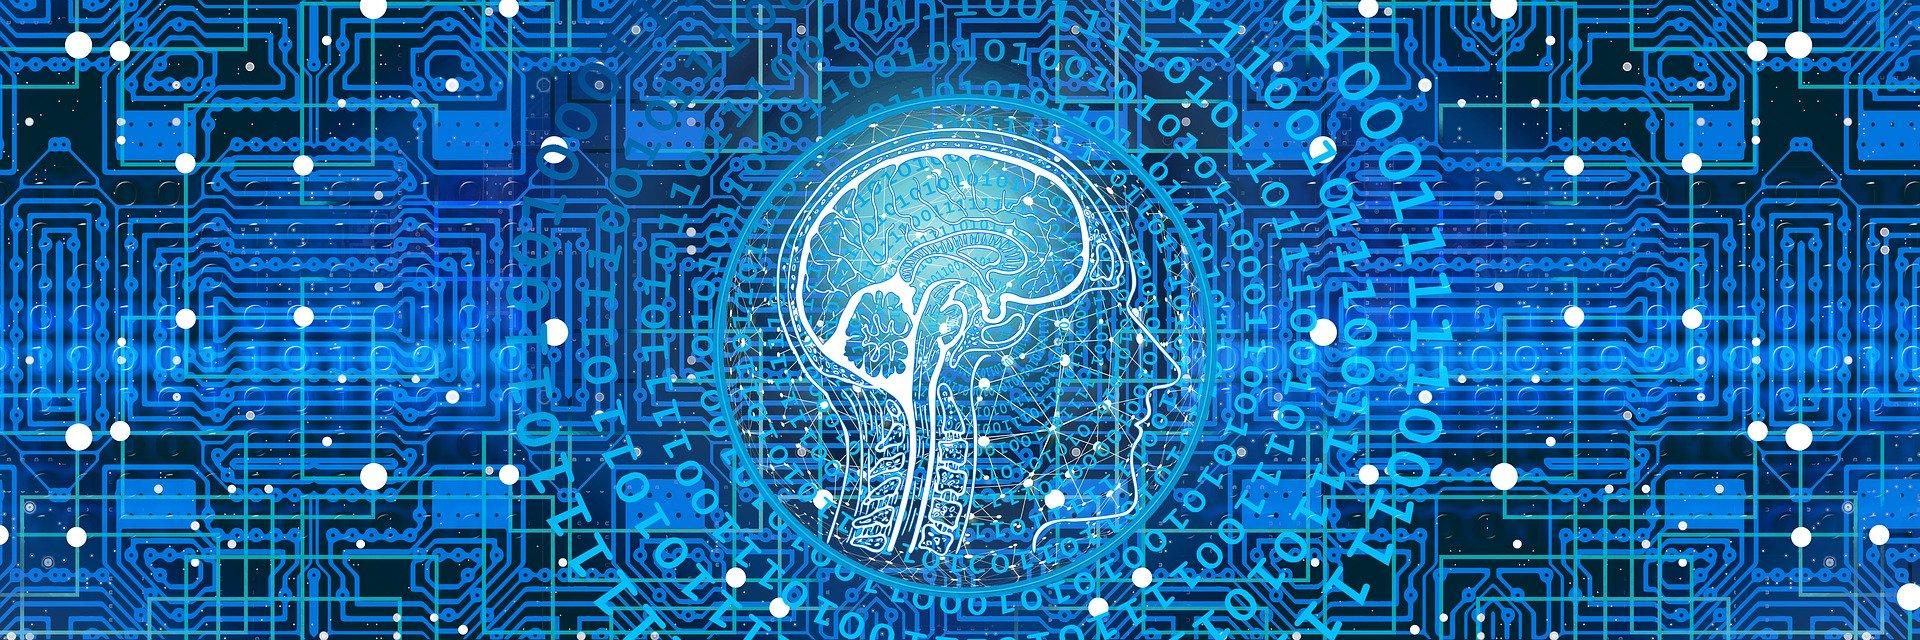 هوش مصنوعی در آلمان: Intro